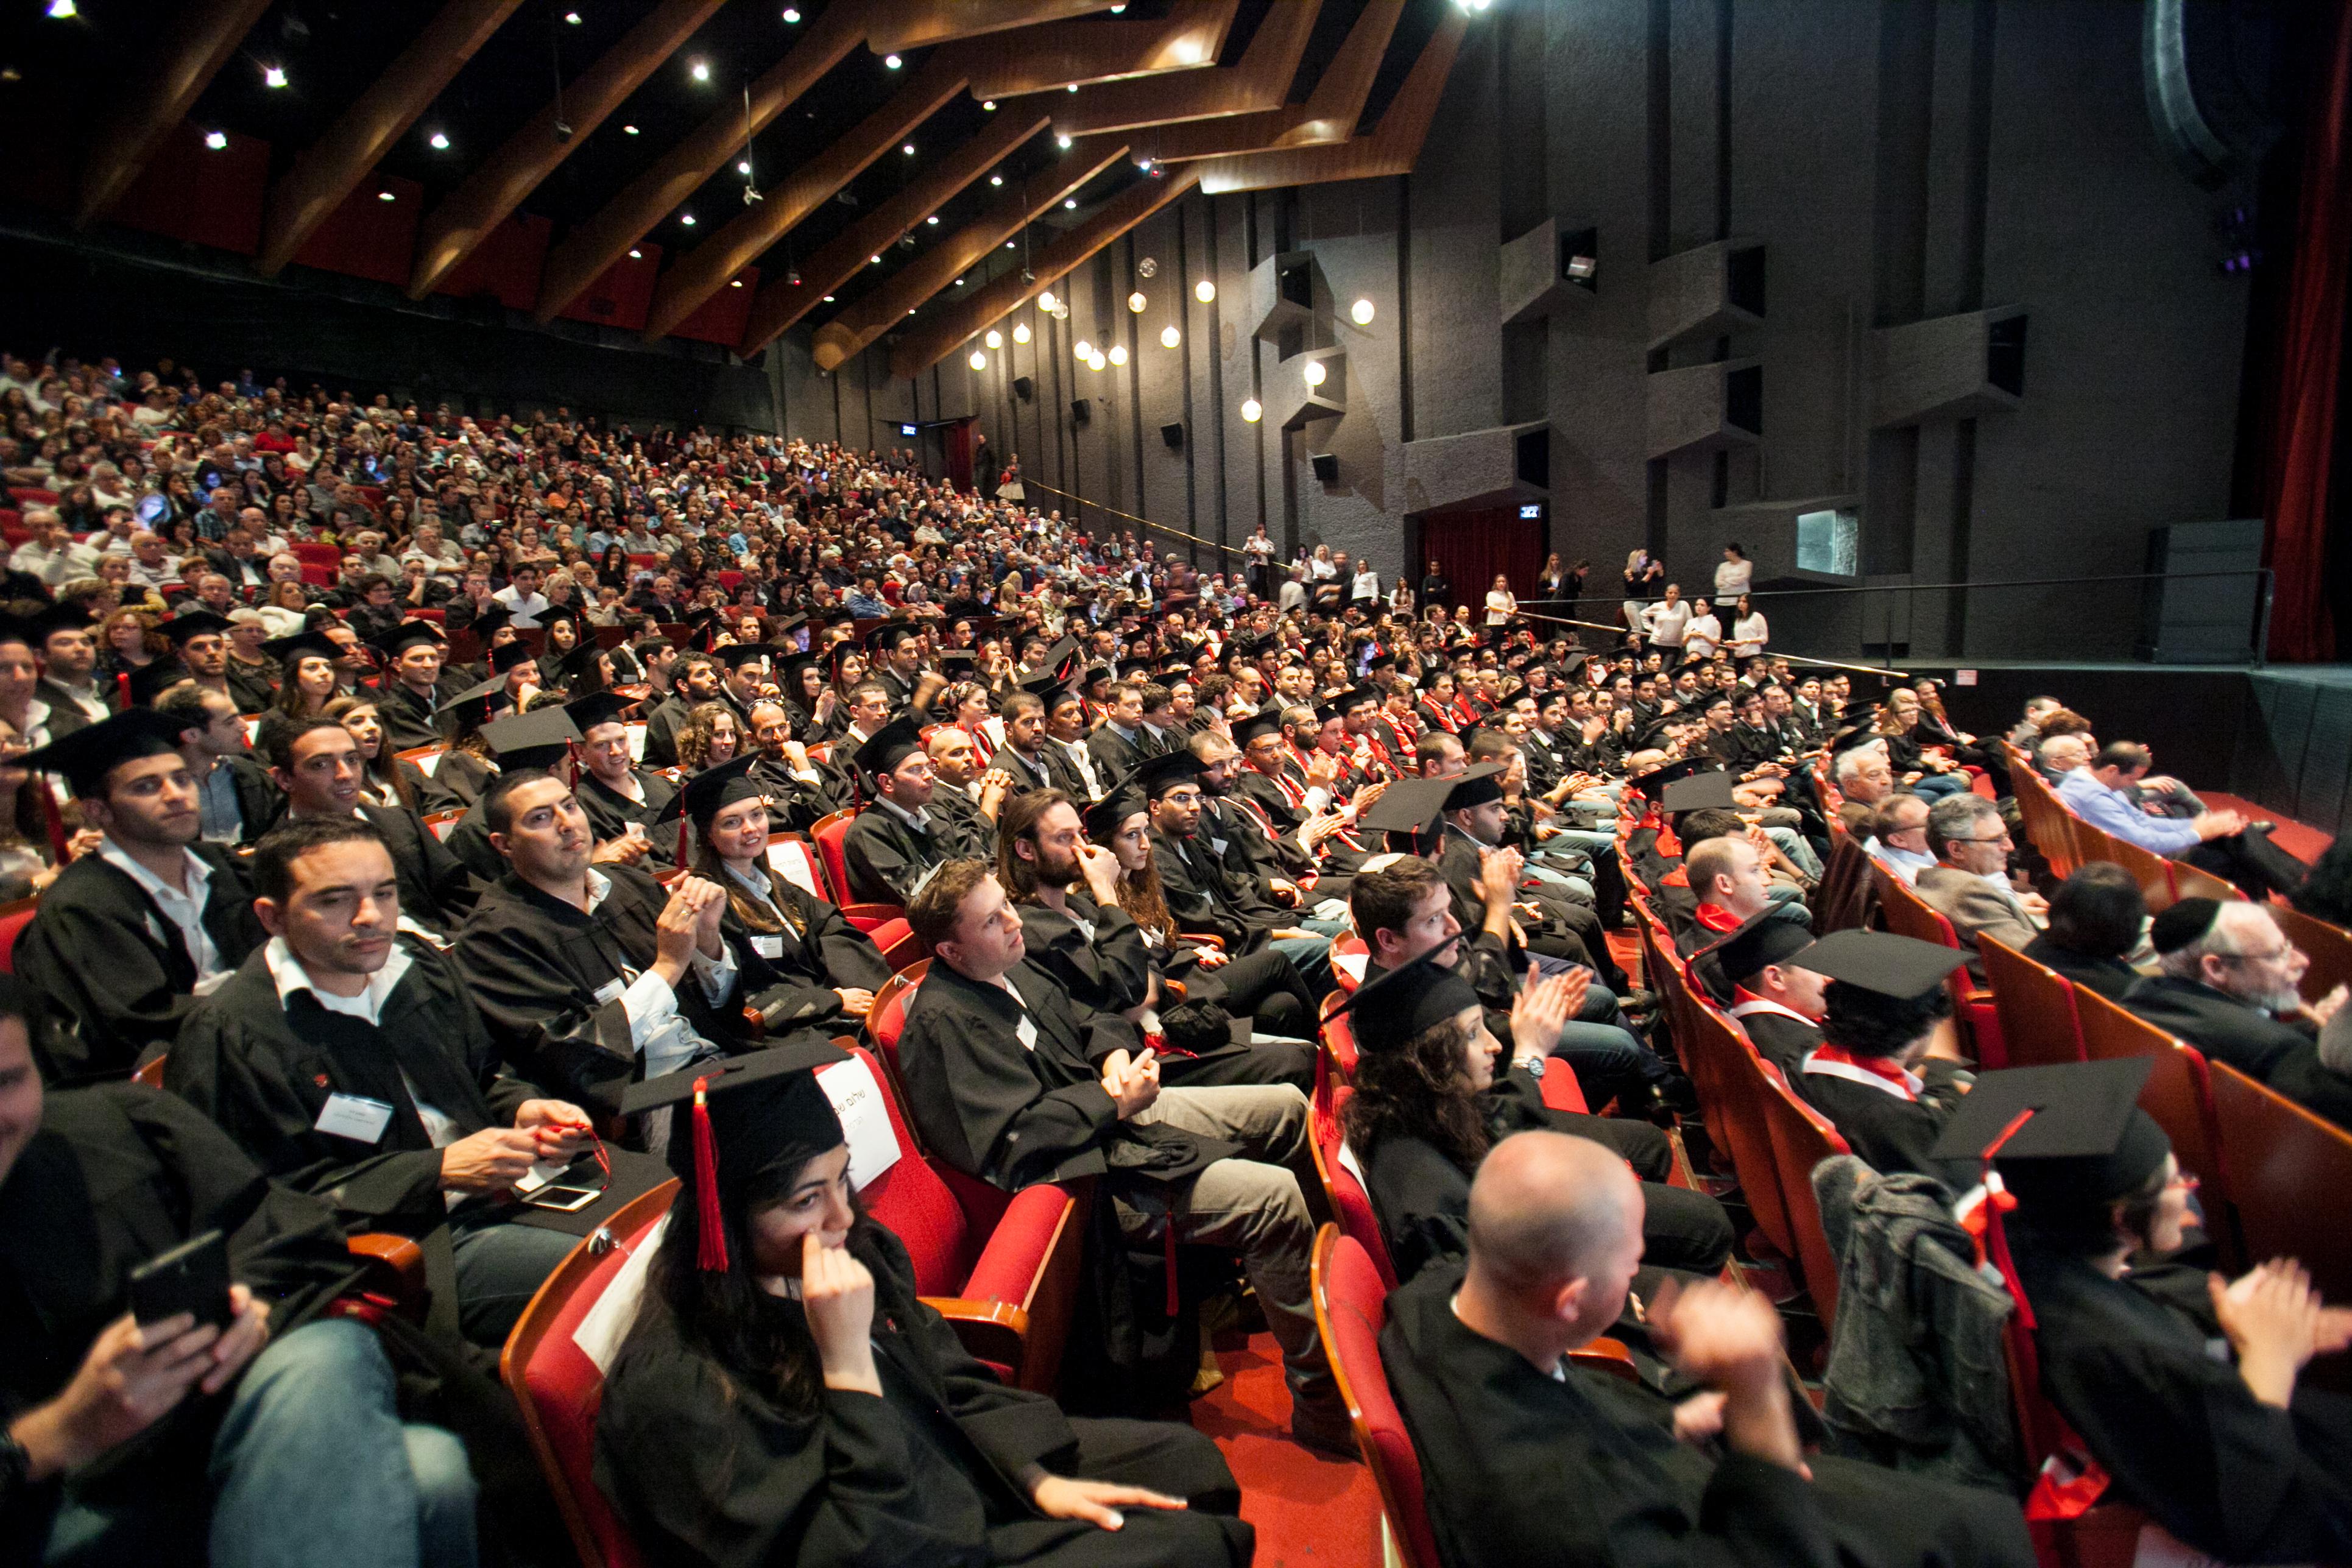 הקהל באולם